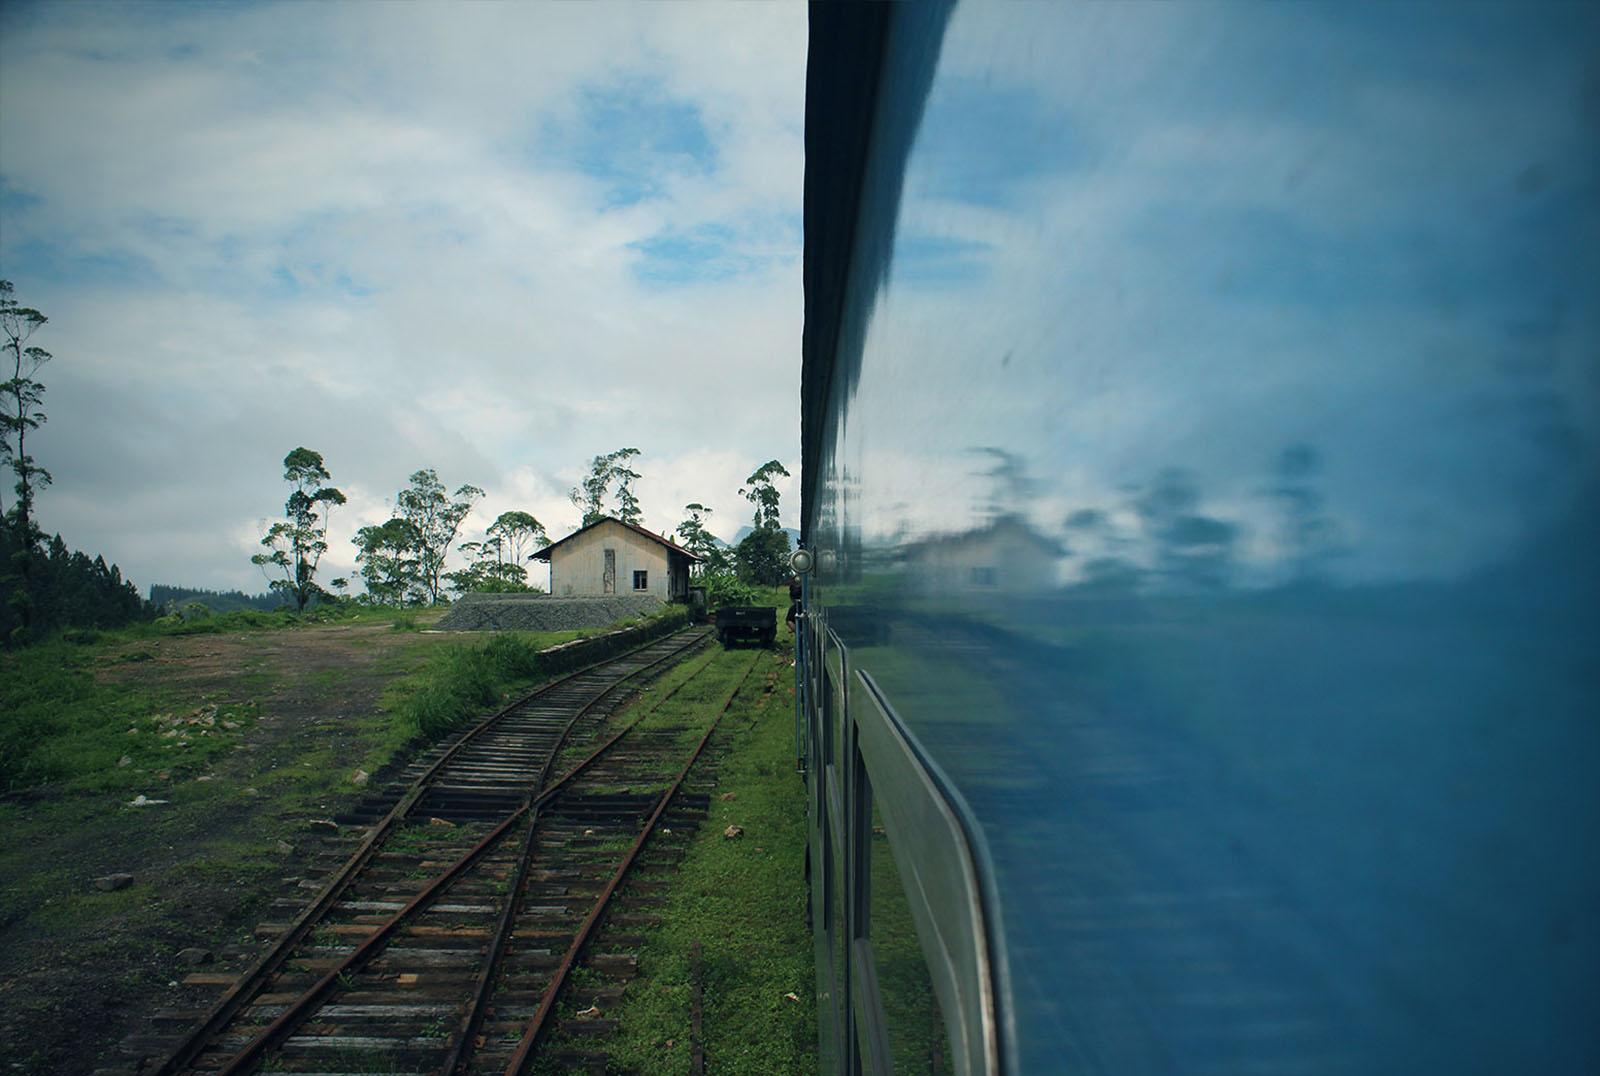 Unfassbar, durch welche Welten uns der Zug hindurch brachte. Mit nur einem Gleis, so dass die entgegenkommen Züge und wir uns nur an den idyllischen Stationen vorbeilassen konnten.